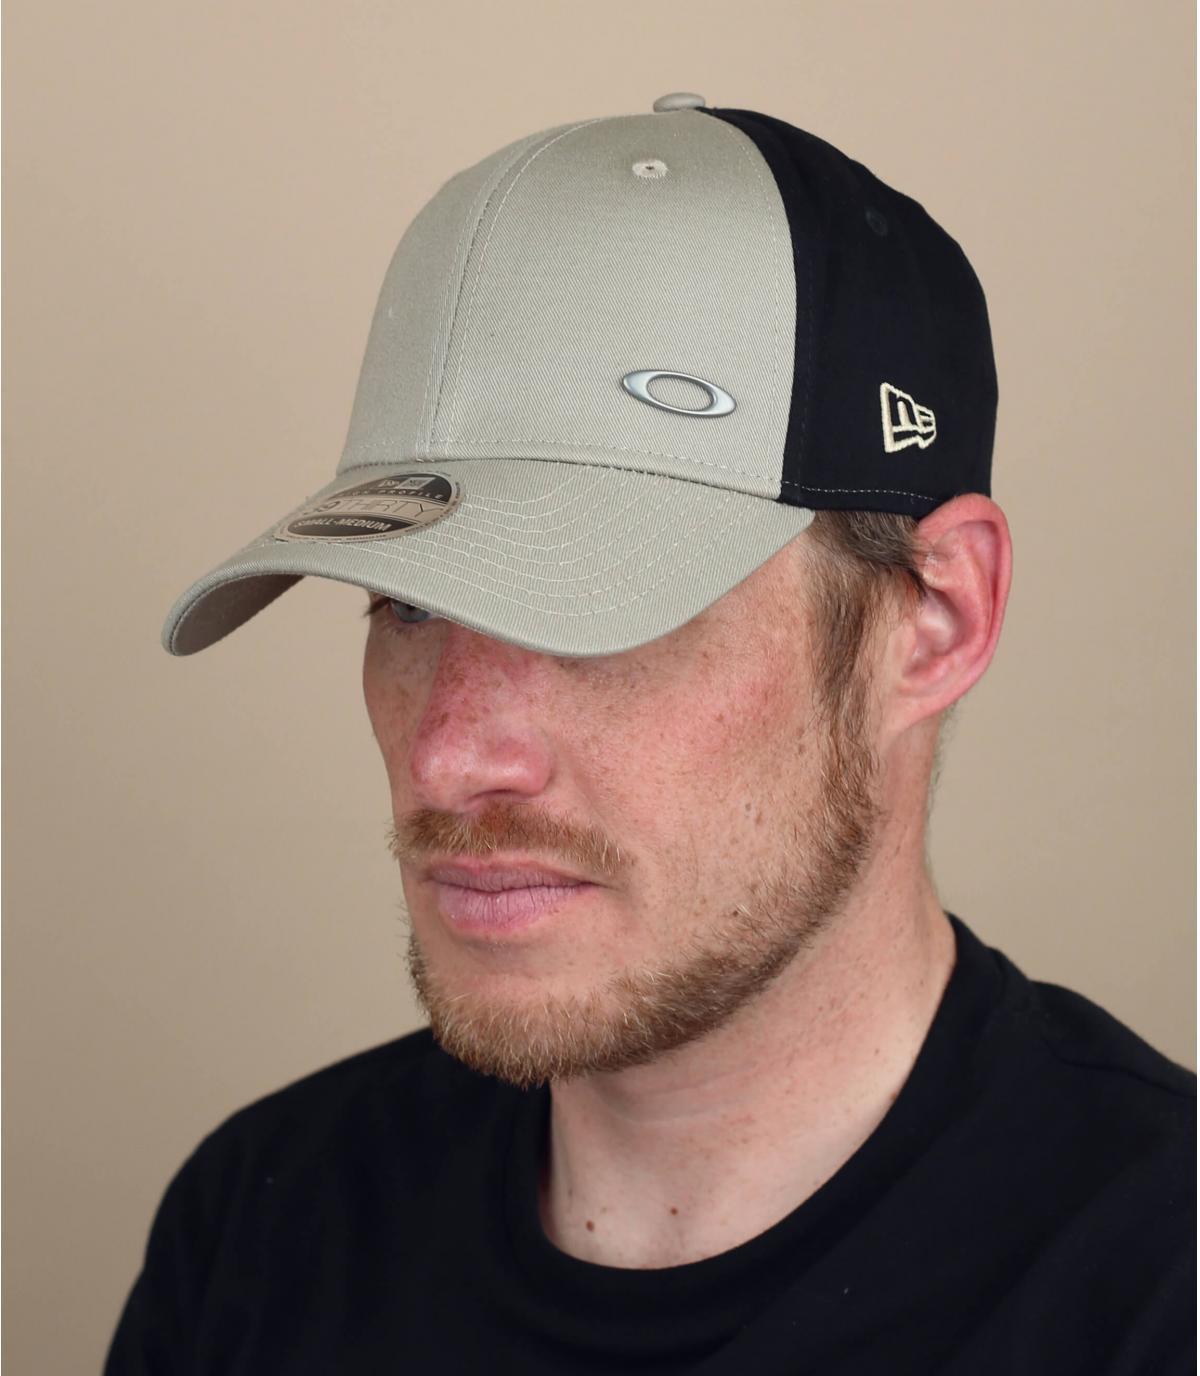 cappellino curvo Oakley beige